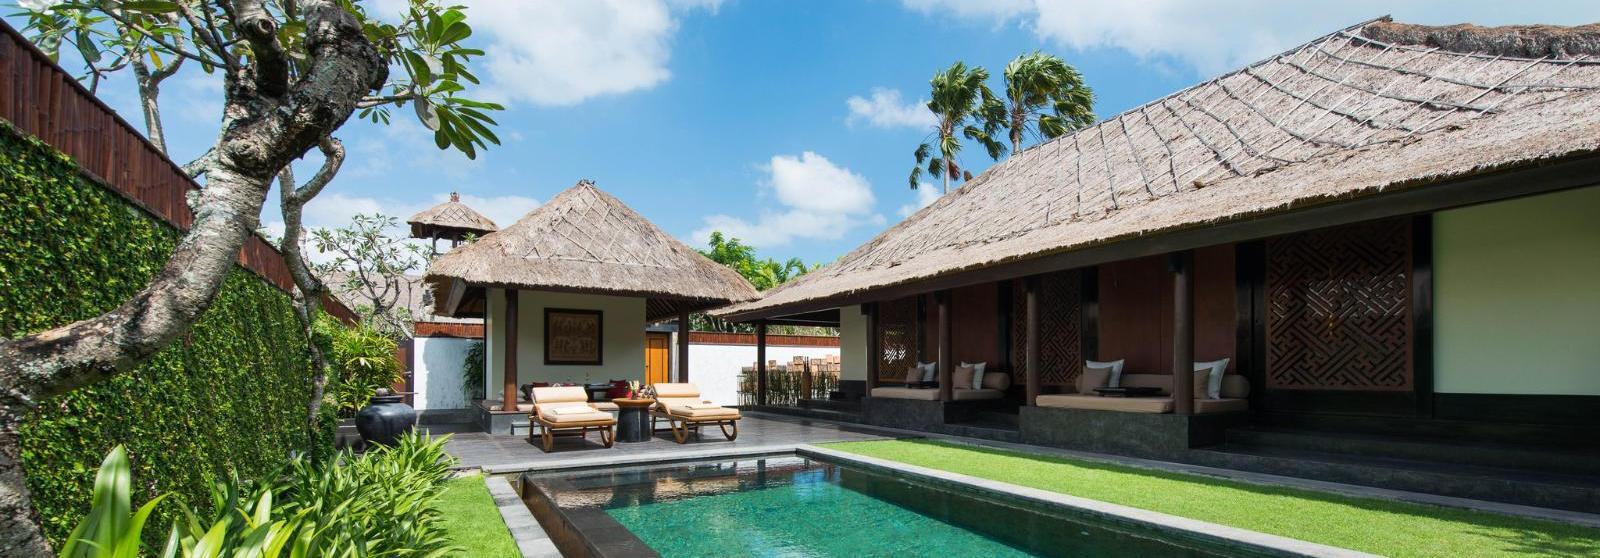 巴厘岛水明漾乐吉安度假酒店(The Legian Seminyak, Bali) 单卧套房泳池图片  www.lhw.cn